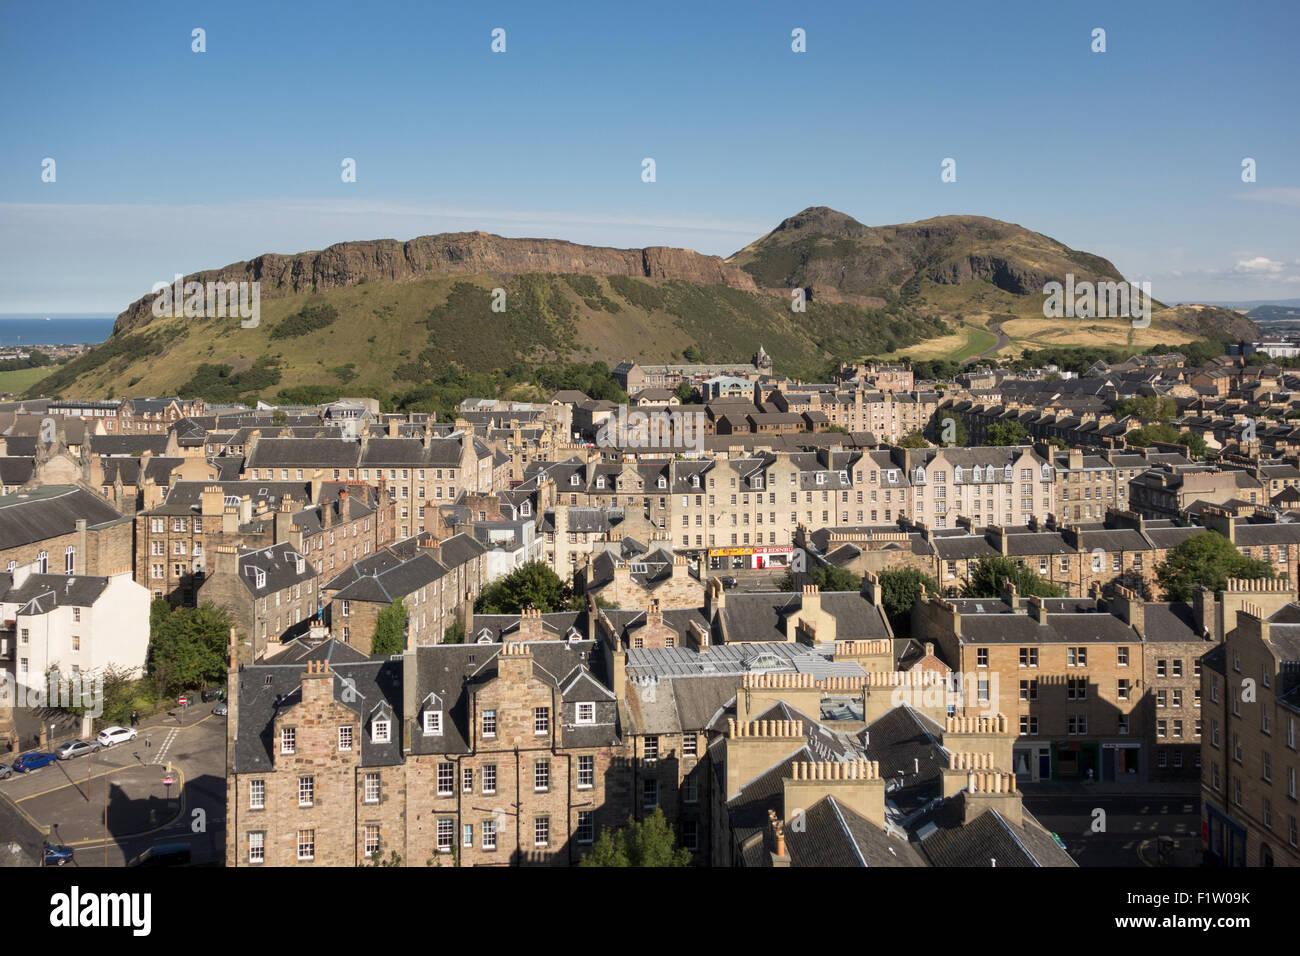 Edinburgh - Arthurs Seat und Salisbury Crags, Häuser, Gebäude, Wohnungen, Appartements in der Altstadt Stockbild